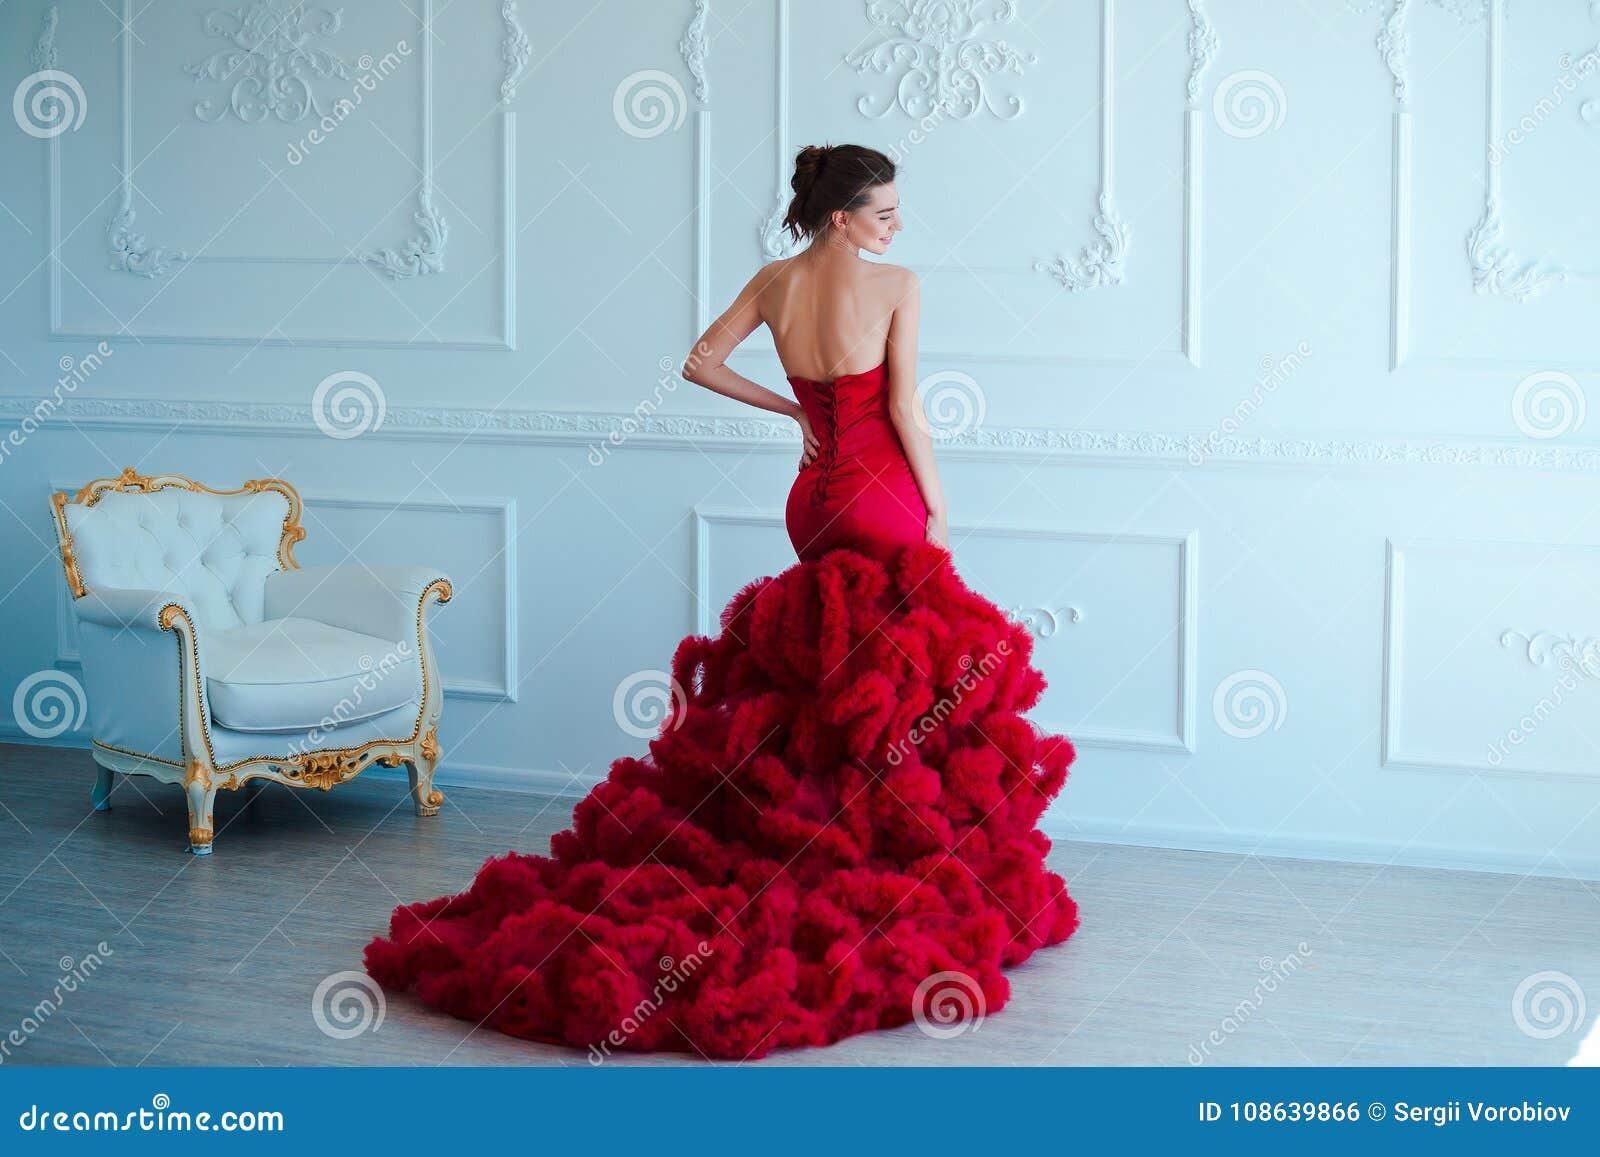 Schönheit Brunette-Modellfrau, wenn rotes Kleid geglättet wird Luxusmake-up und Frisur der schönen Mode Verlockendes Mädchen